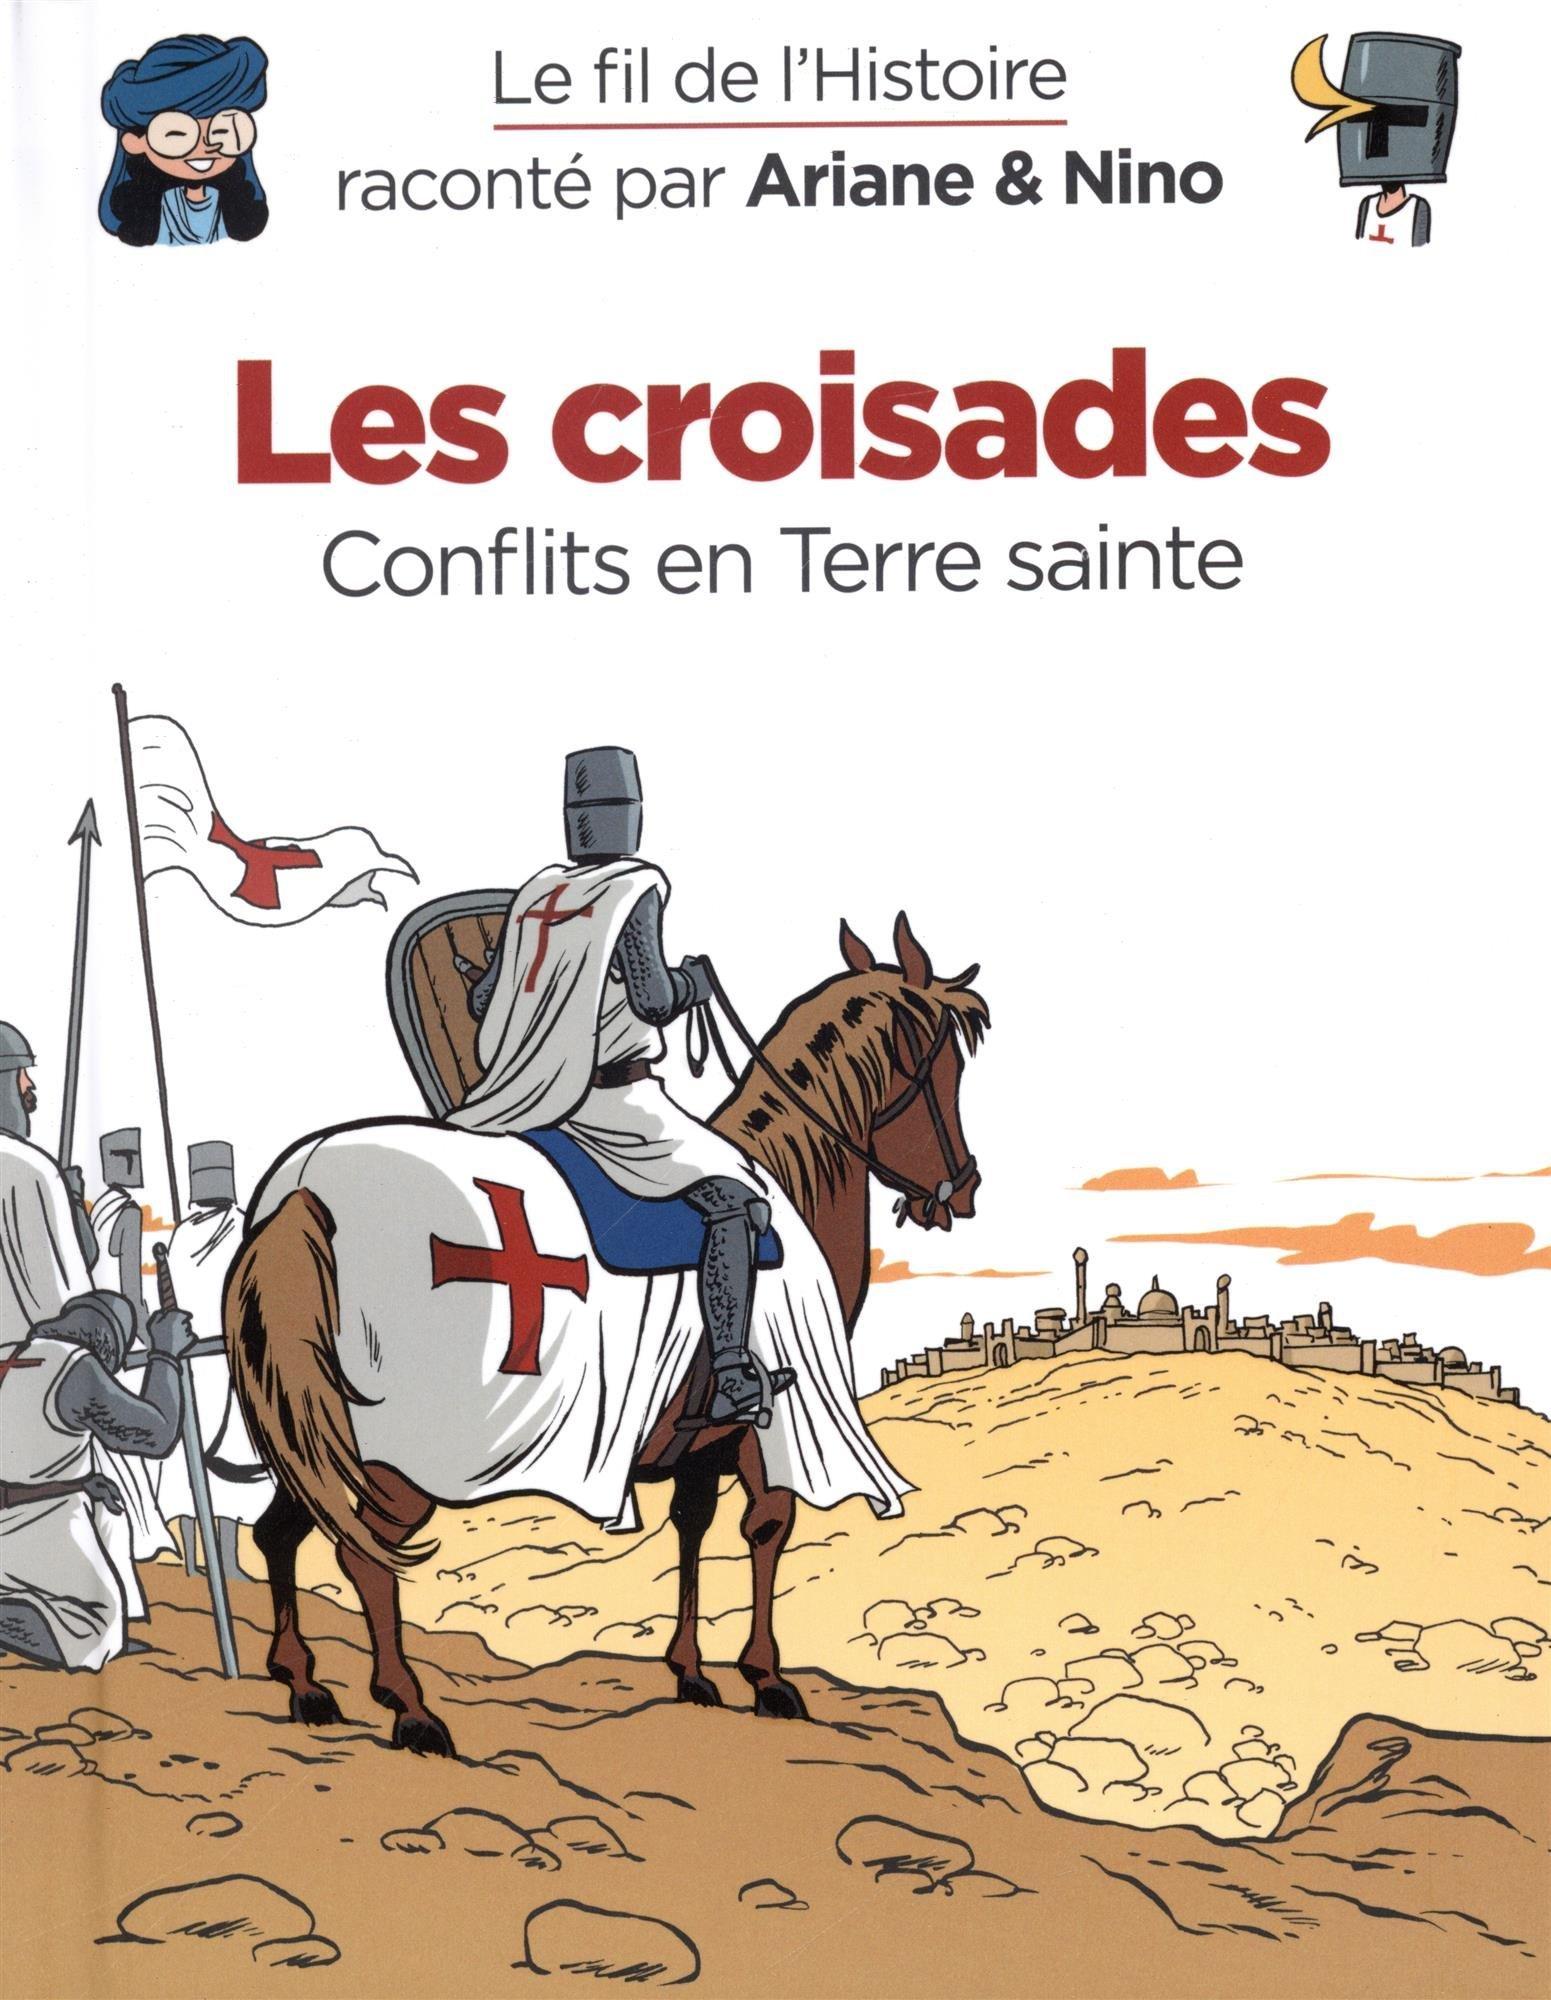 Le fil de l'Histoire raconté par Ariane & Nino - Tome 5 - Les croisades Album – 29 juin 2018 Fabrice Erre Sylvain Savoia DUPUIS JEUNESSE 2390340040